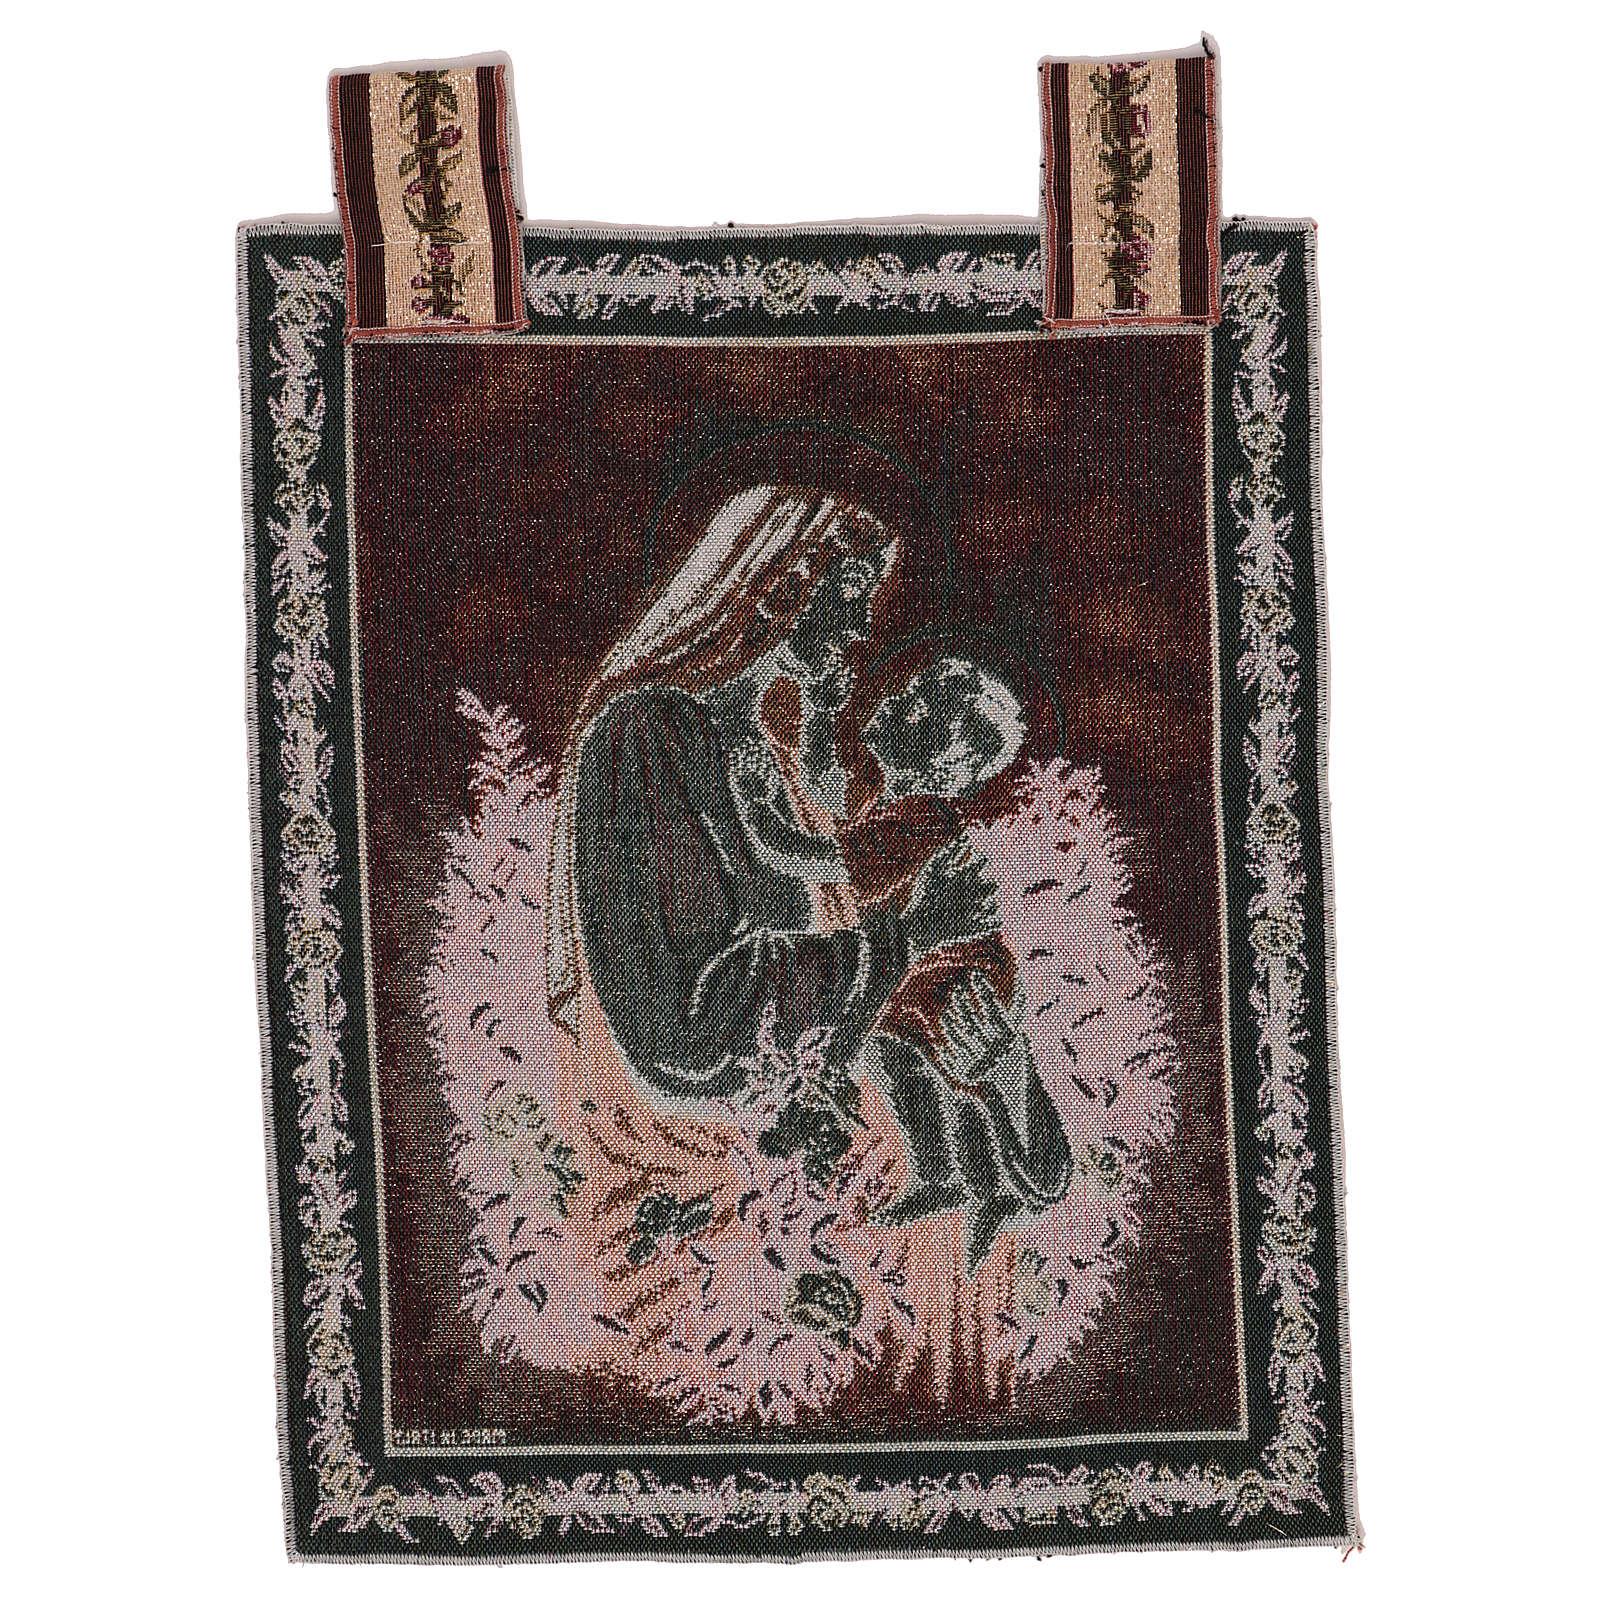 Wandteppich eine Mutter streichelt ihr Kind, mit Rahmen und Schlaufen 50x40 cm 3